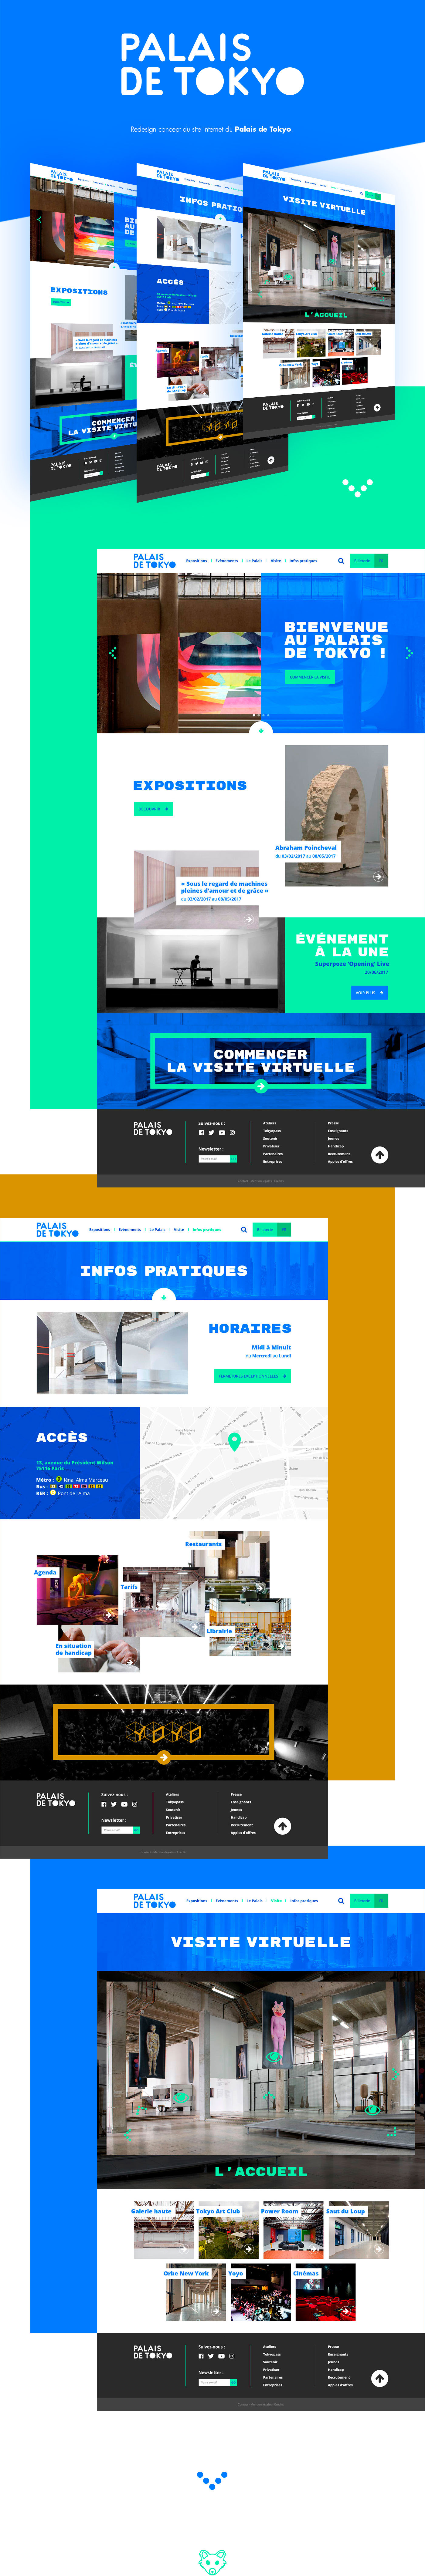 Webdesign UI redesign palais de tokyo direction artistique